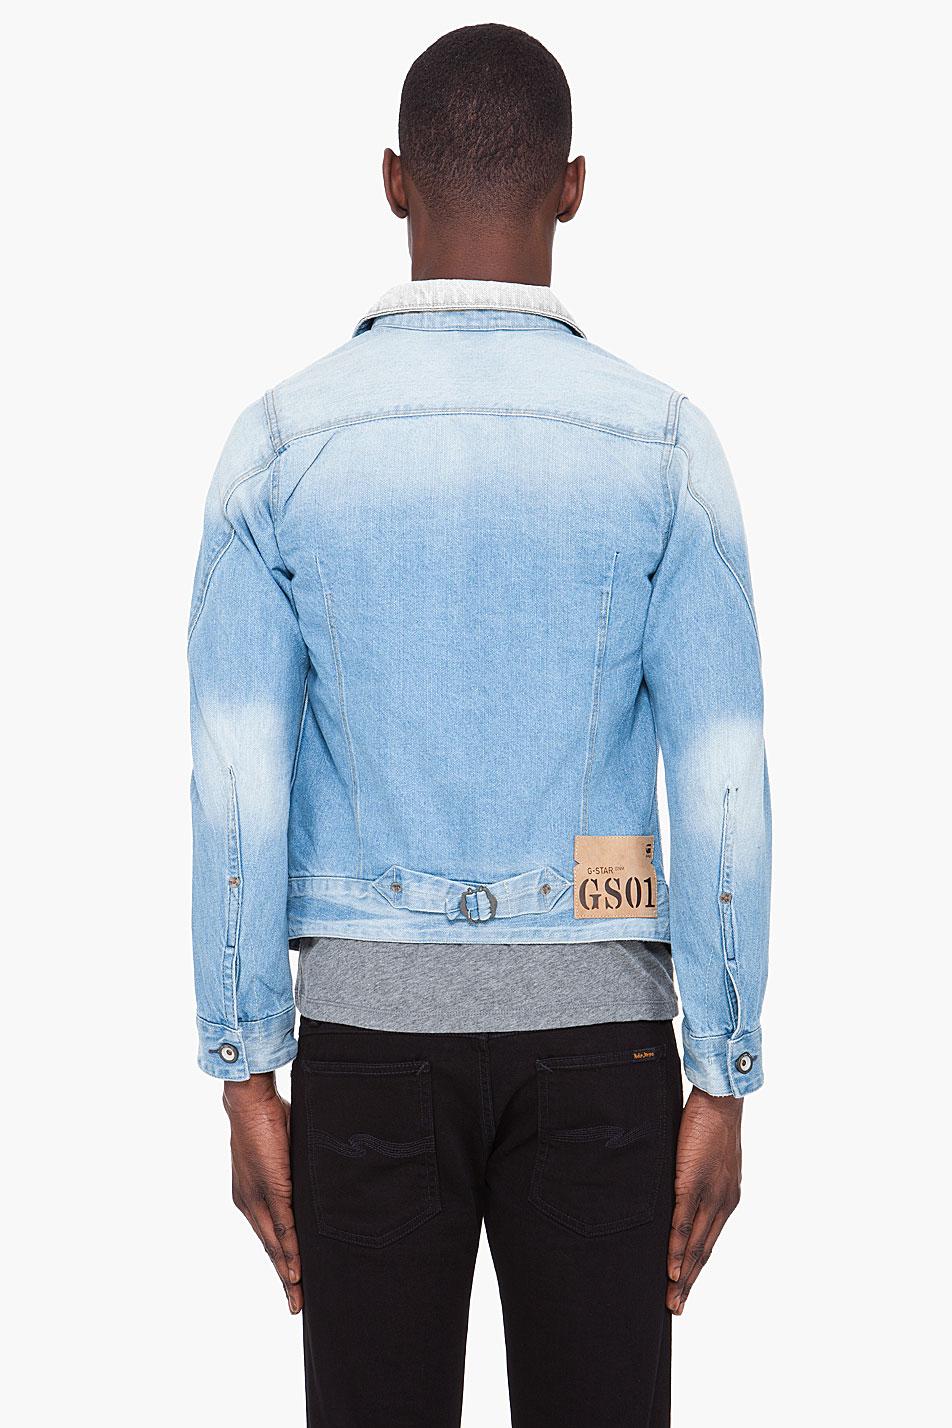 lyst gstar raw faded arc denim jacket in blue for men